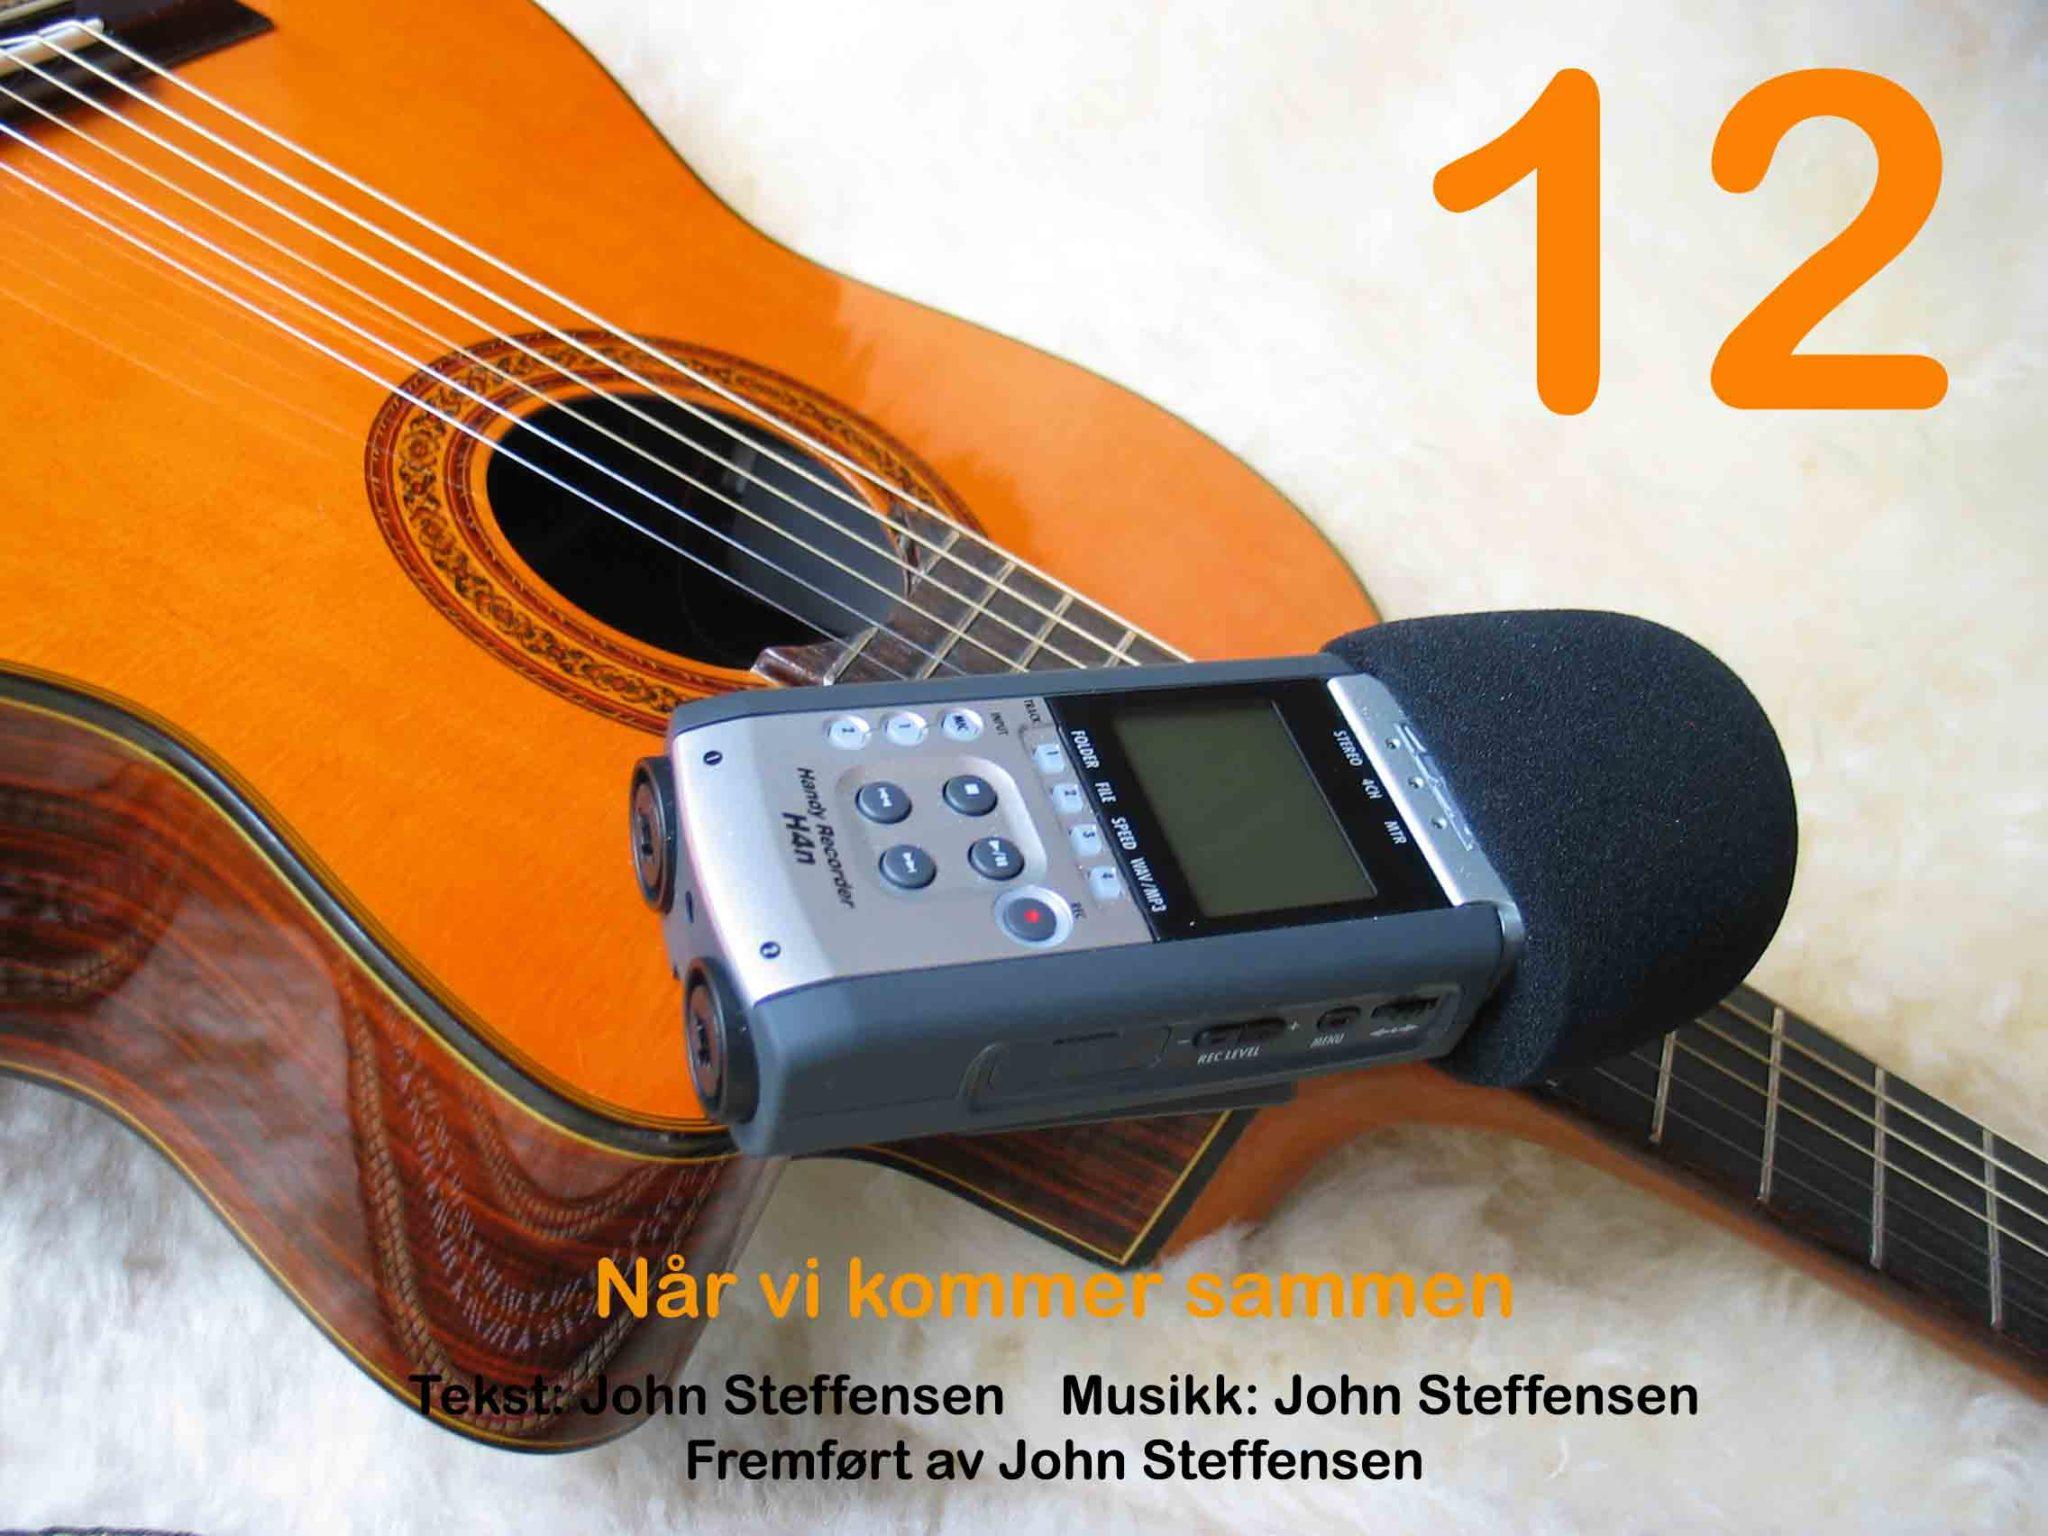 Sang 12 kan høres ved å klikke YouTube-firkanten lenger nede på siden.